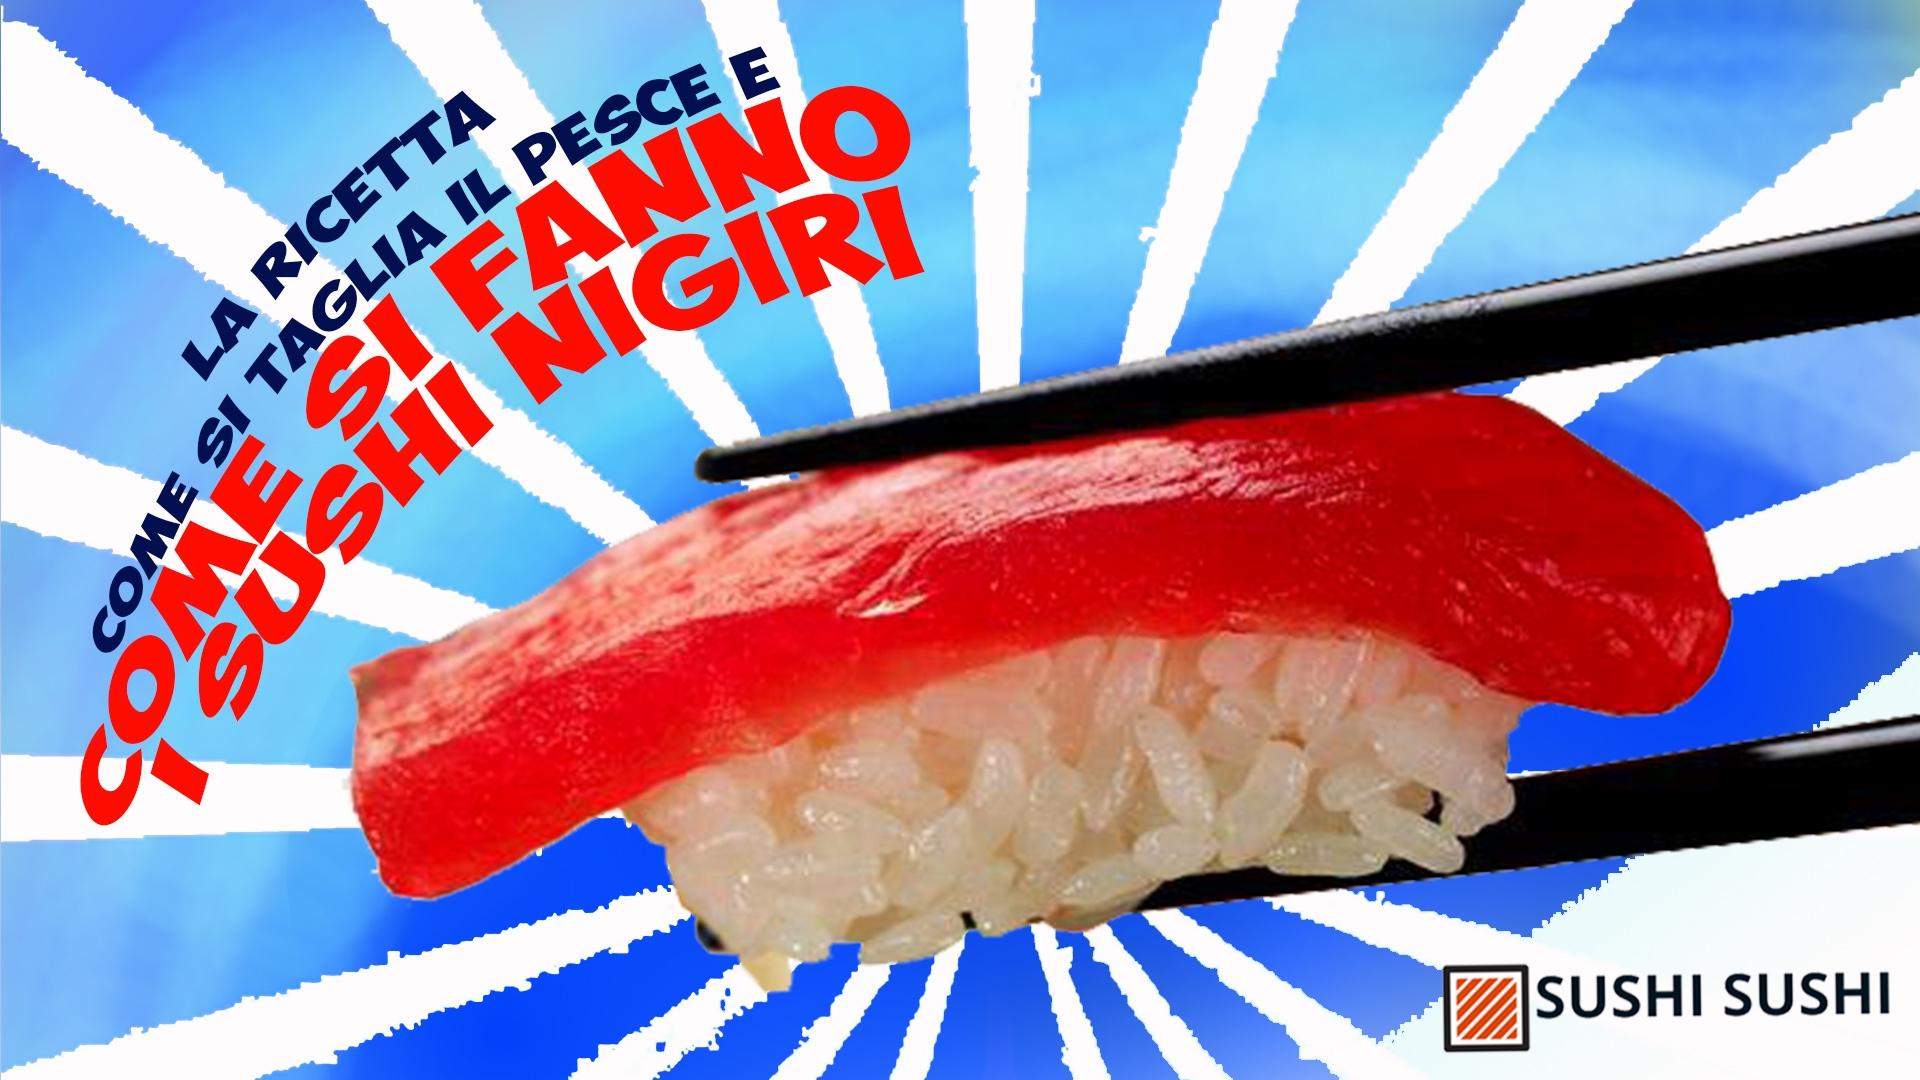 Sushi, come farlo